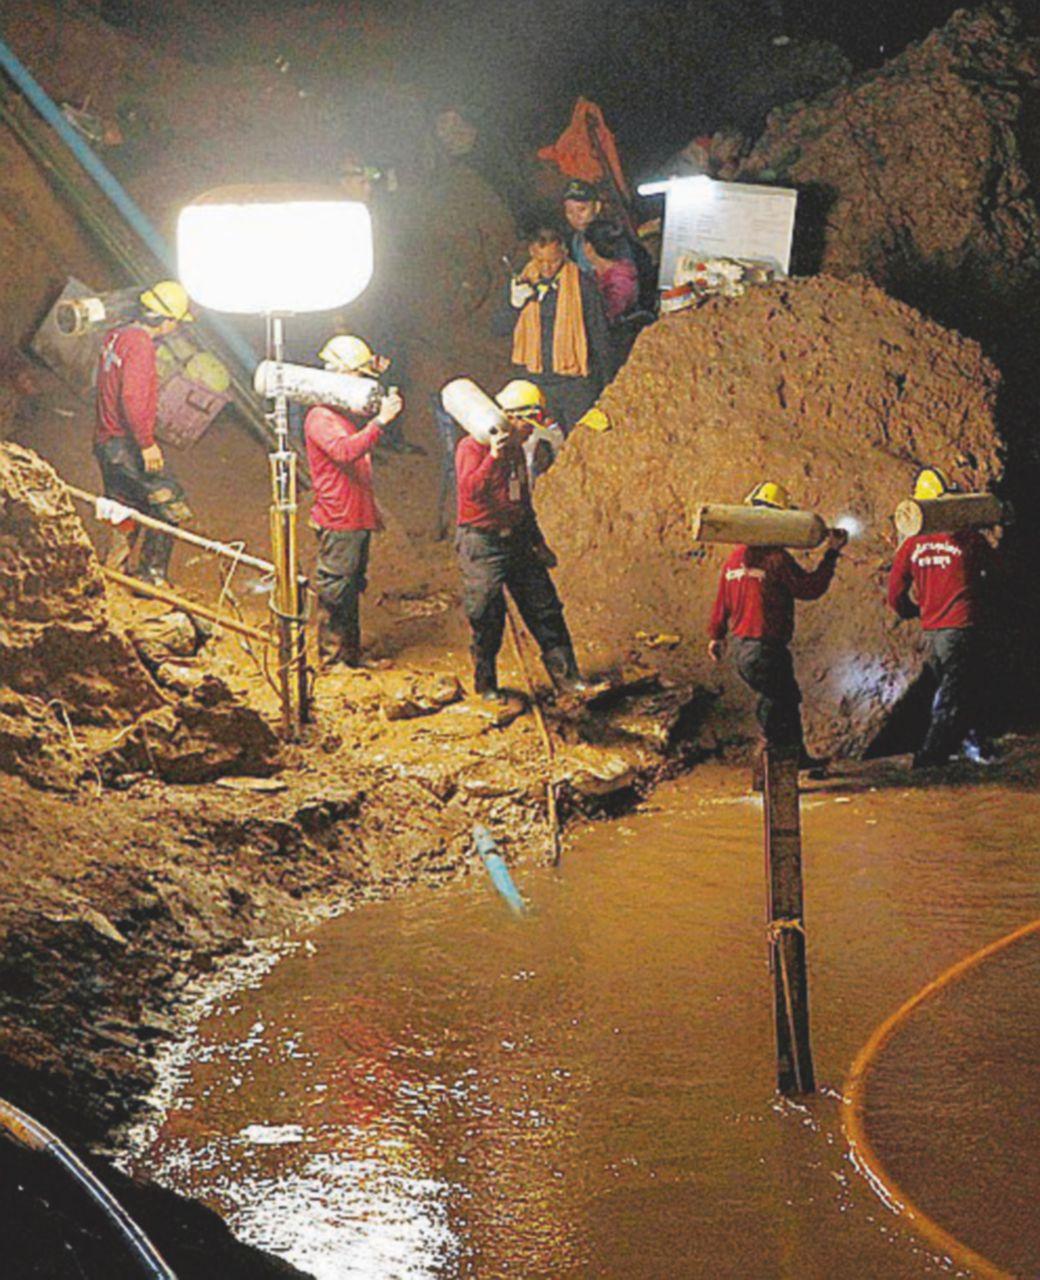 Tempi lunghi per salvare i 12 bloccati in grotta dalle piogge